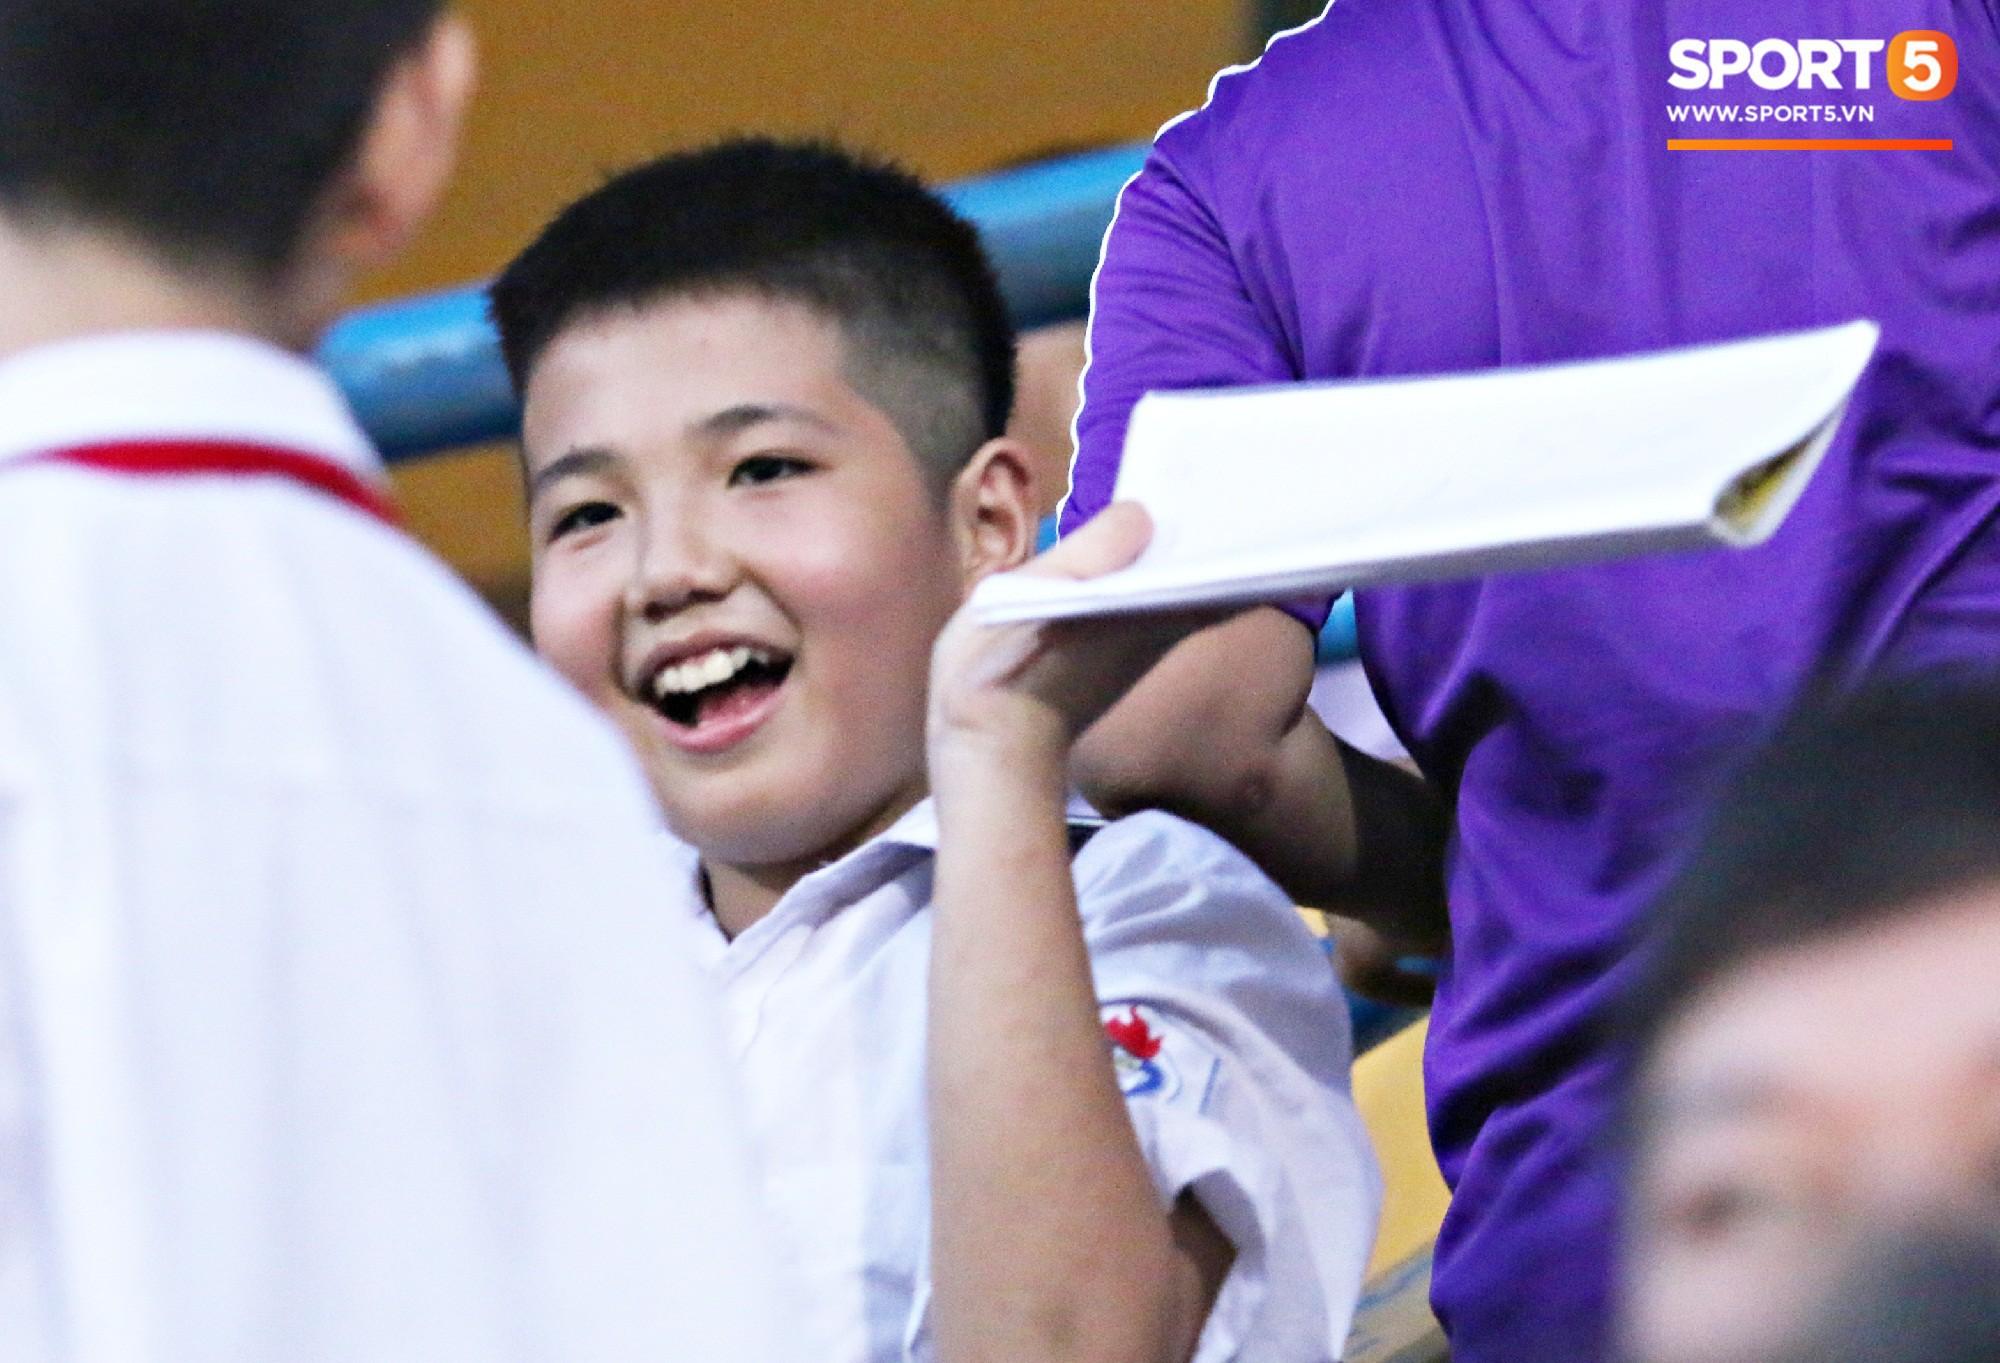 Duy Mạnh lặng lẽ theo dõi đồng đội thi đấu, vẫn bị fan nhí phát hiện vây kín - Ảnh 4.